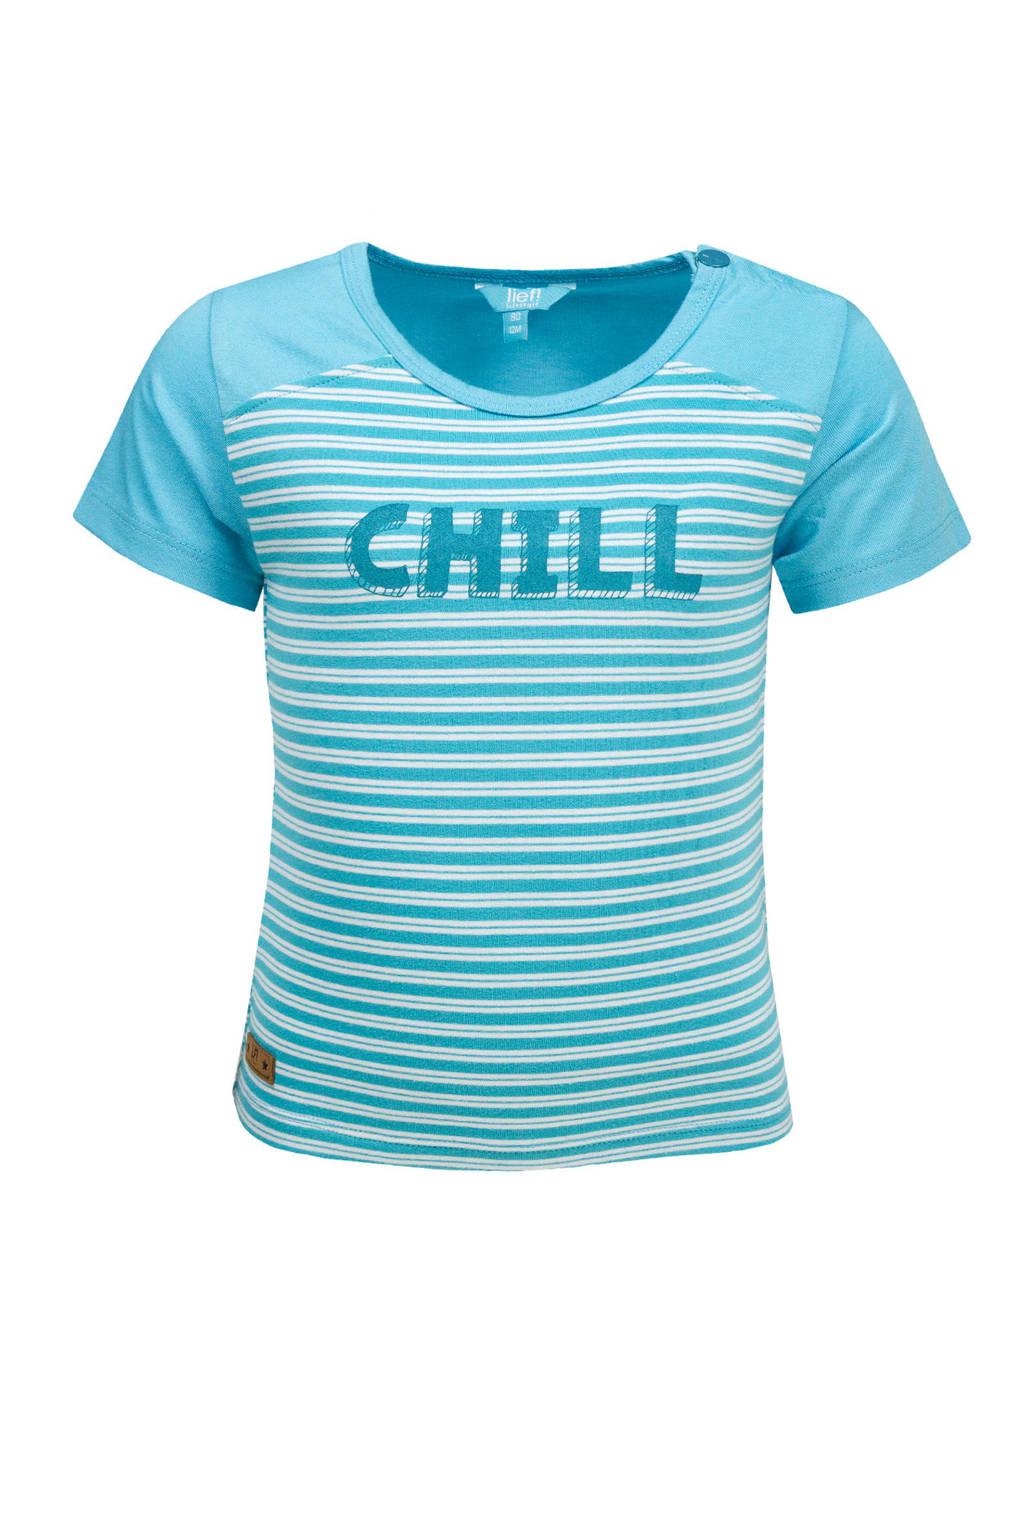 lief! gestreept T-shirt lichtblauw, Lichtblauw